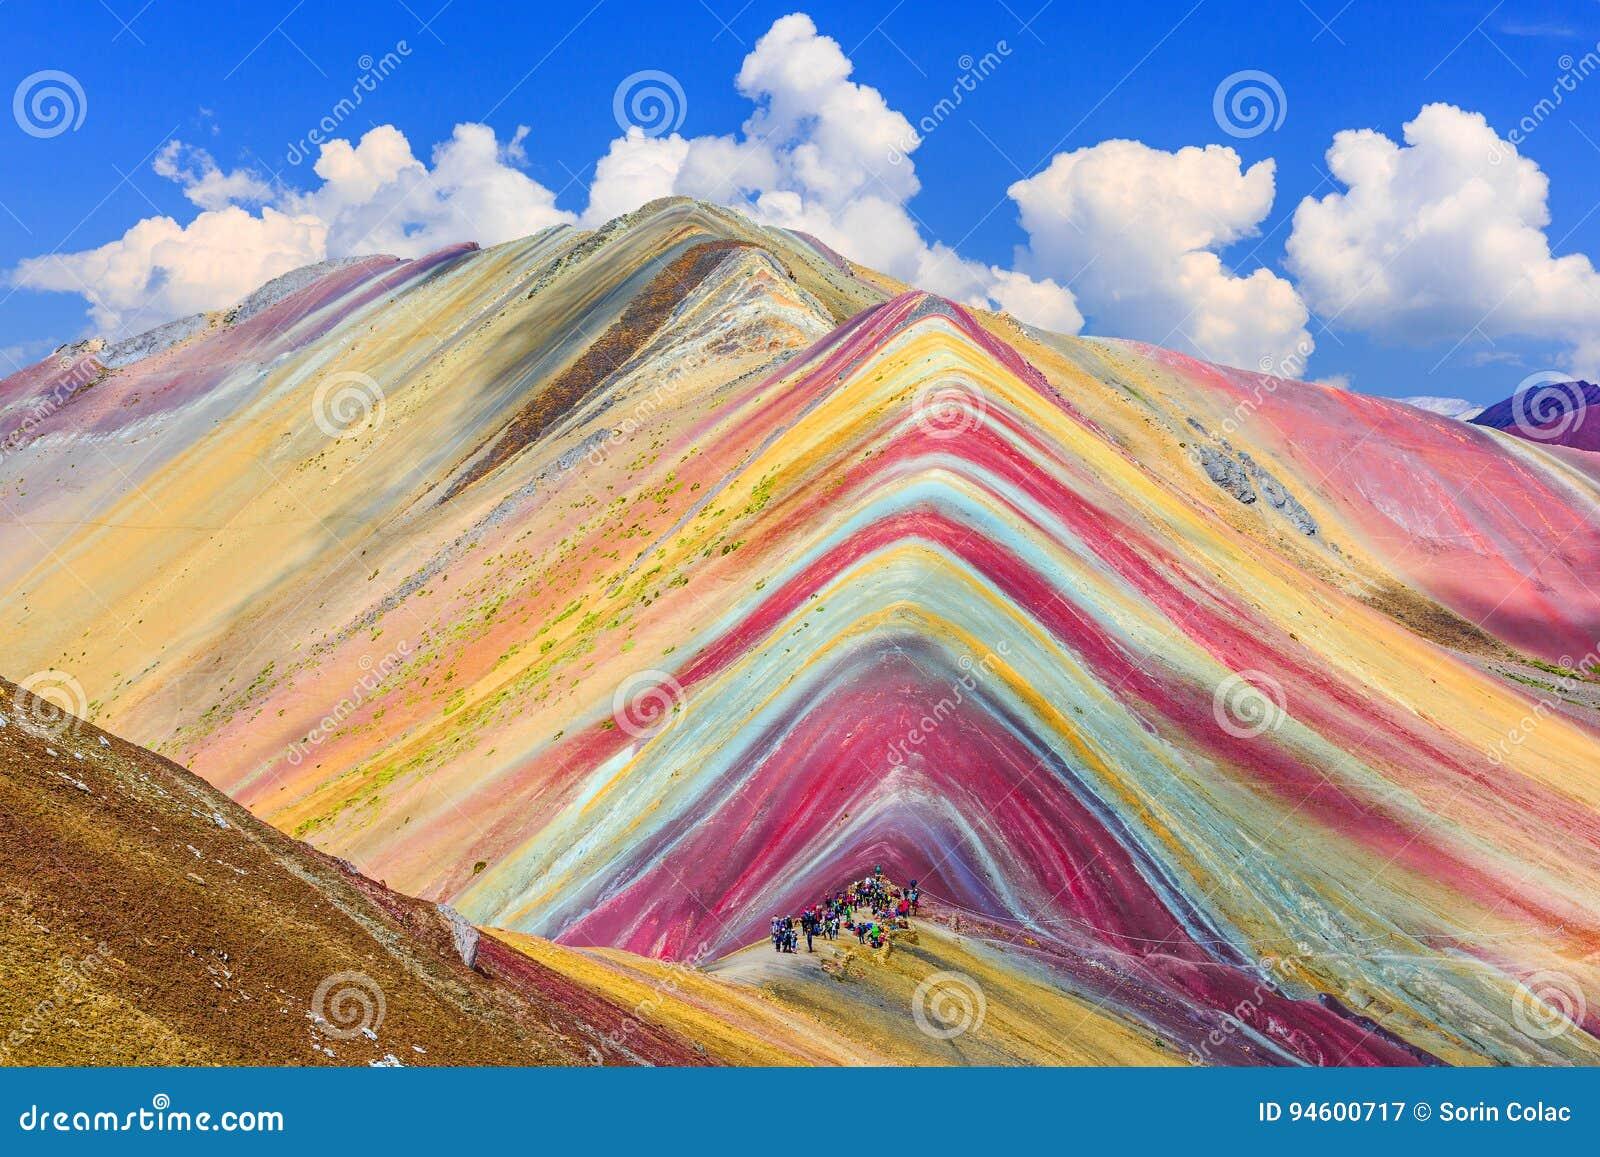 Vinicunca, région de Cusco, Pérou